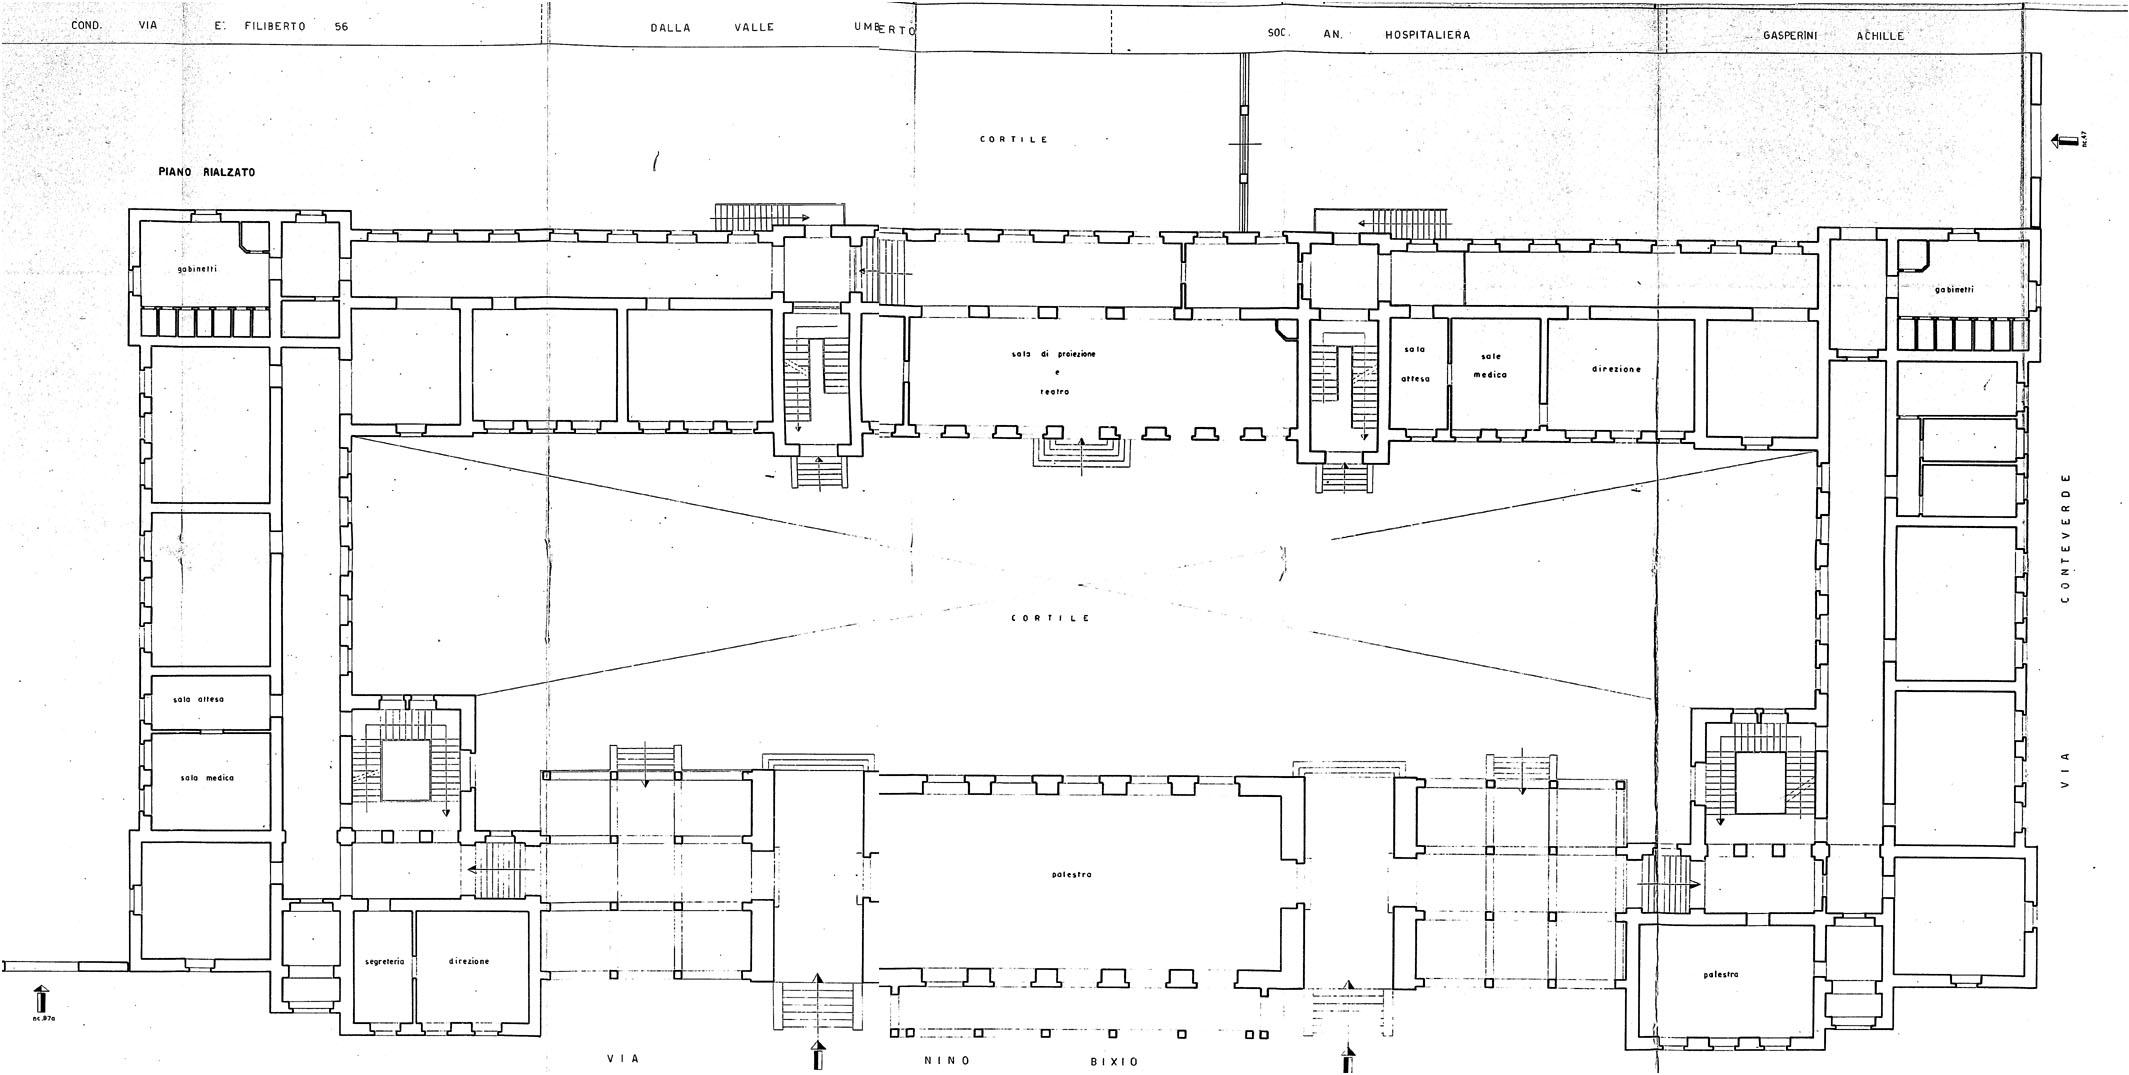 Archidiap scuola in via nino bixio for Pianta del pavimento con dimensioni